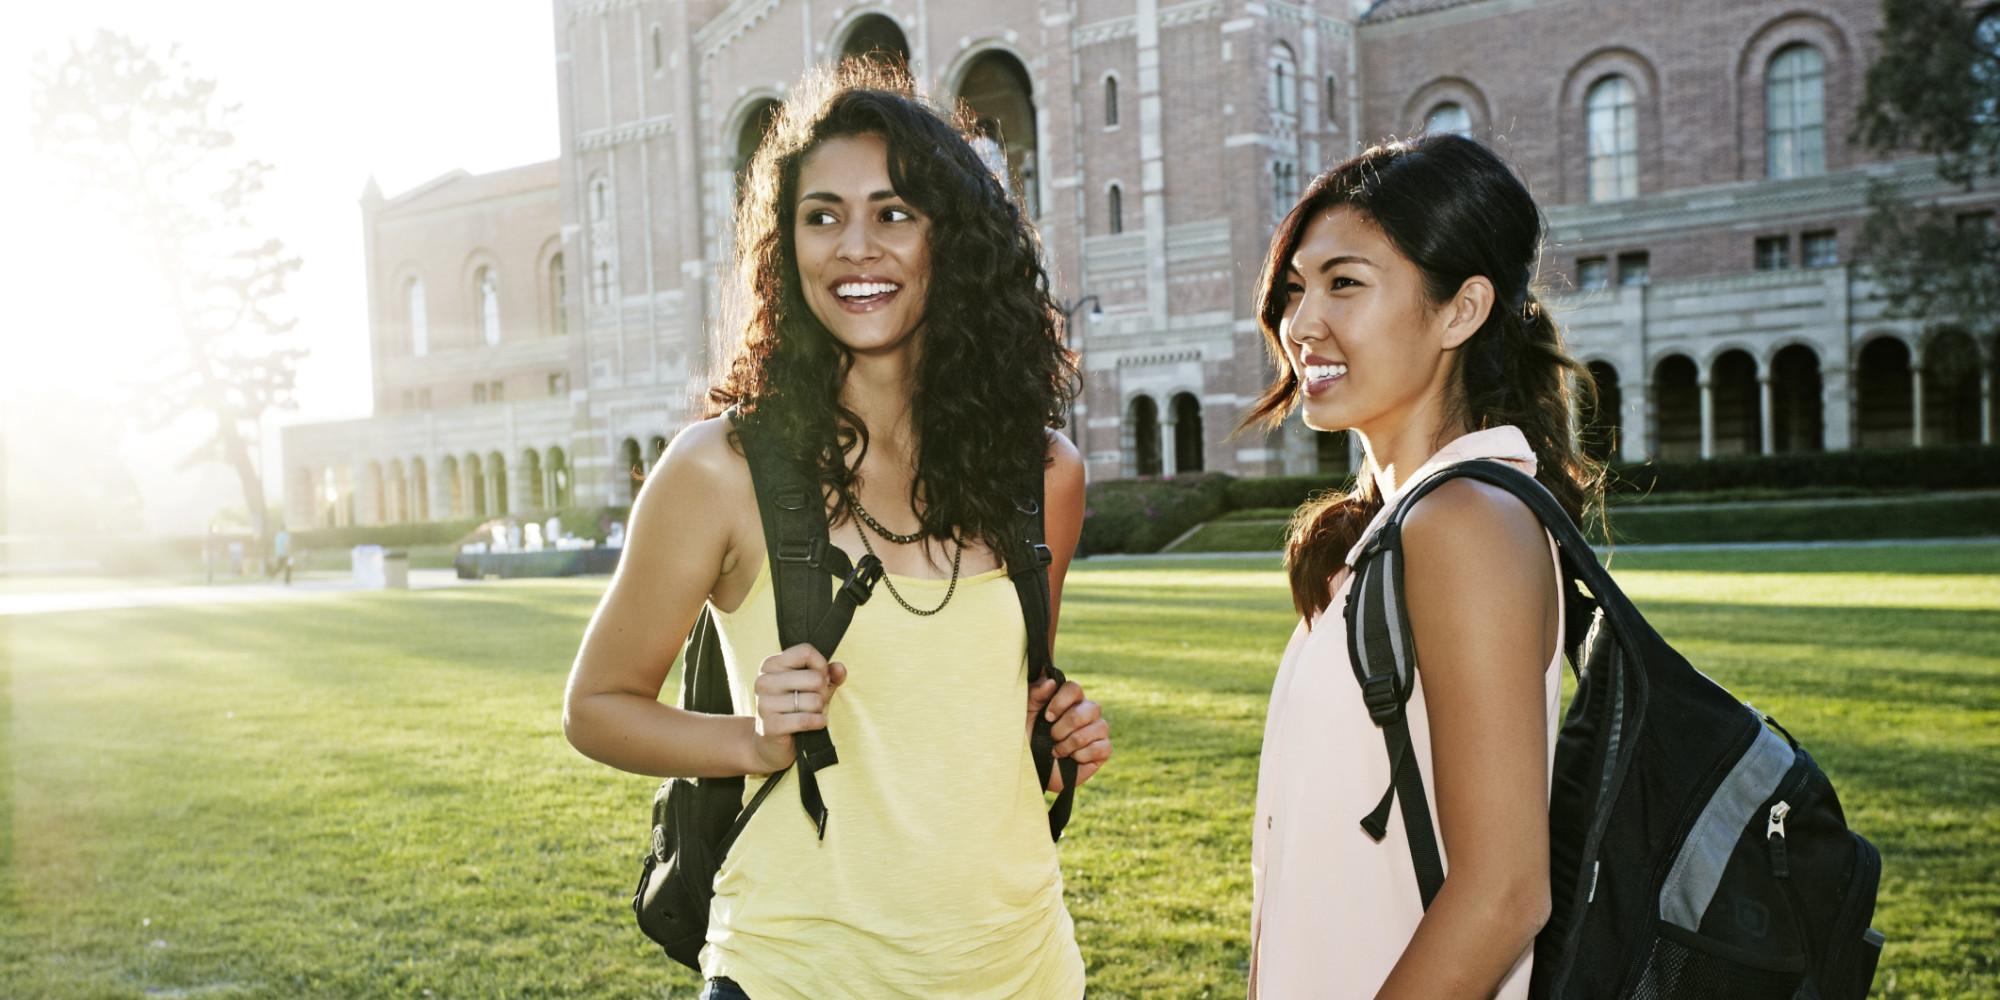 Meet women in college